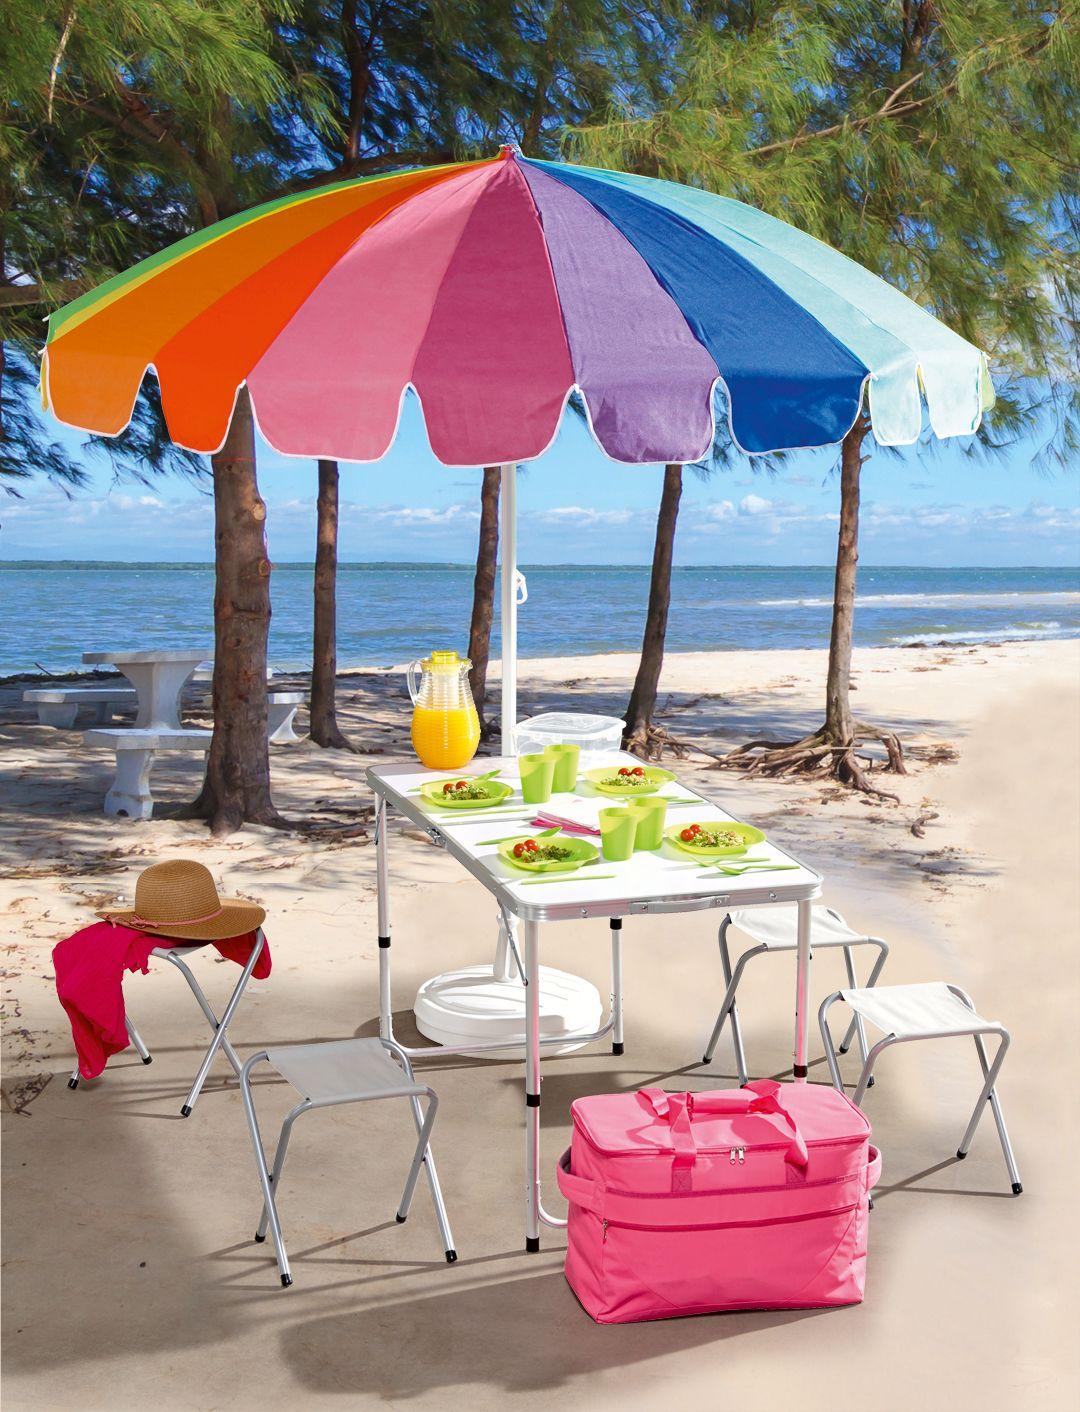 Table Pliante 4 Tabourets Parasol De Plage Sac Isotherme Carafe 2l Avec Element Refriferant Set Pique Nique 4 Personnes Wakacje